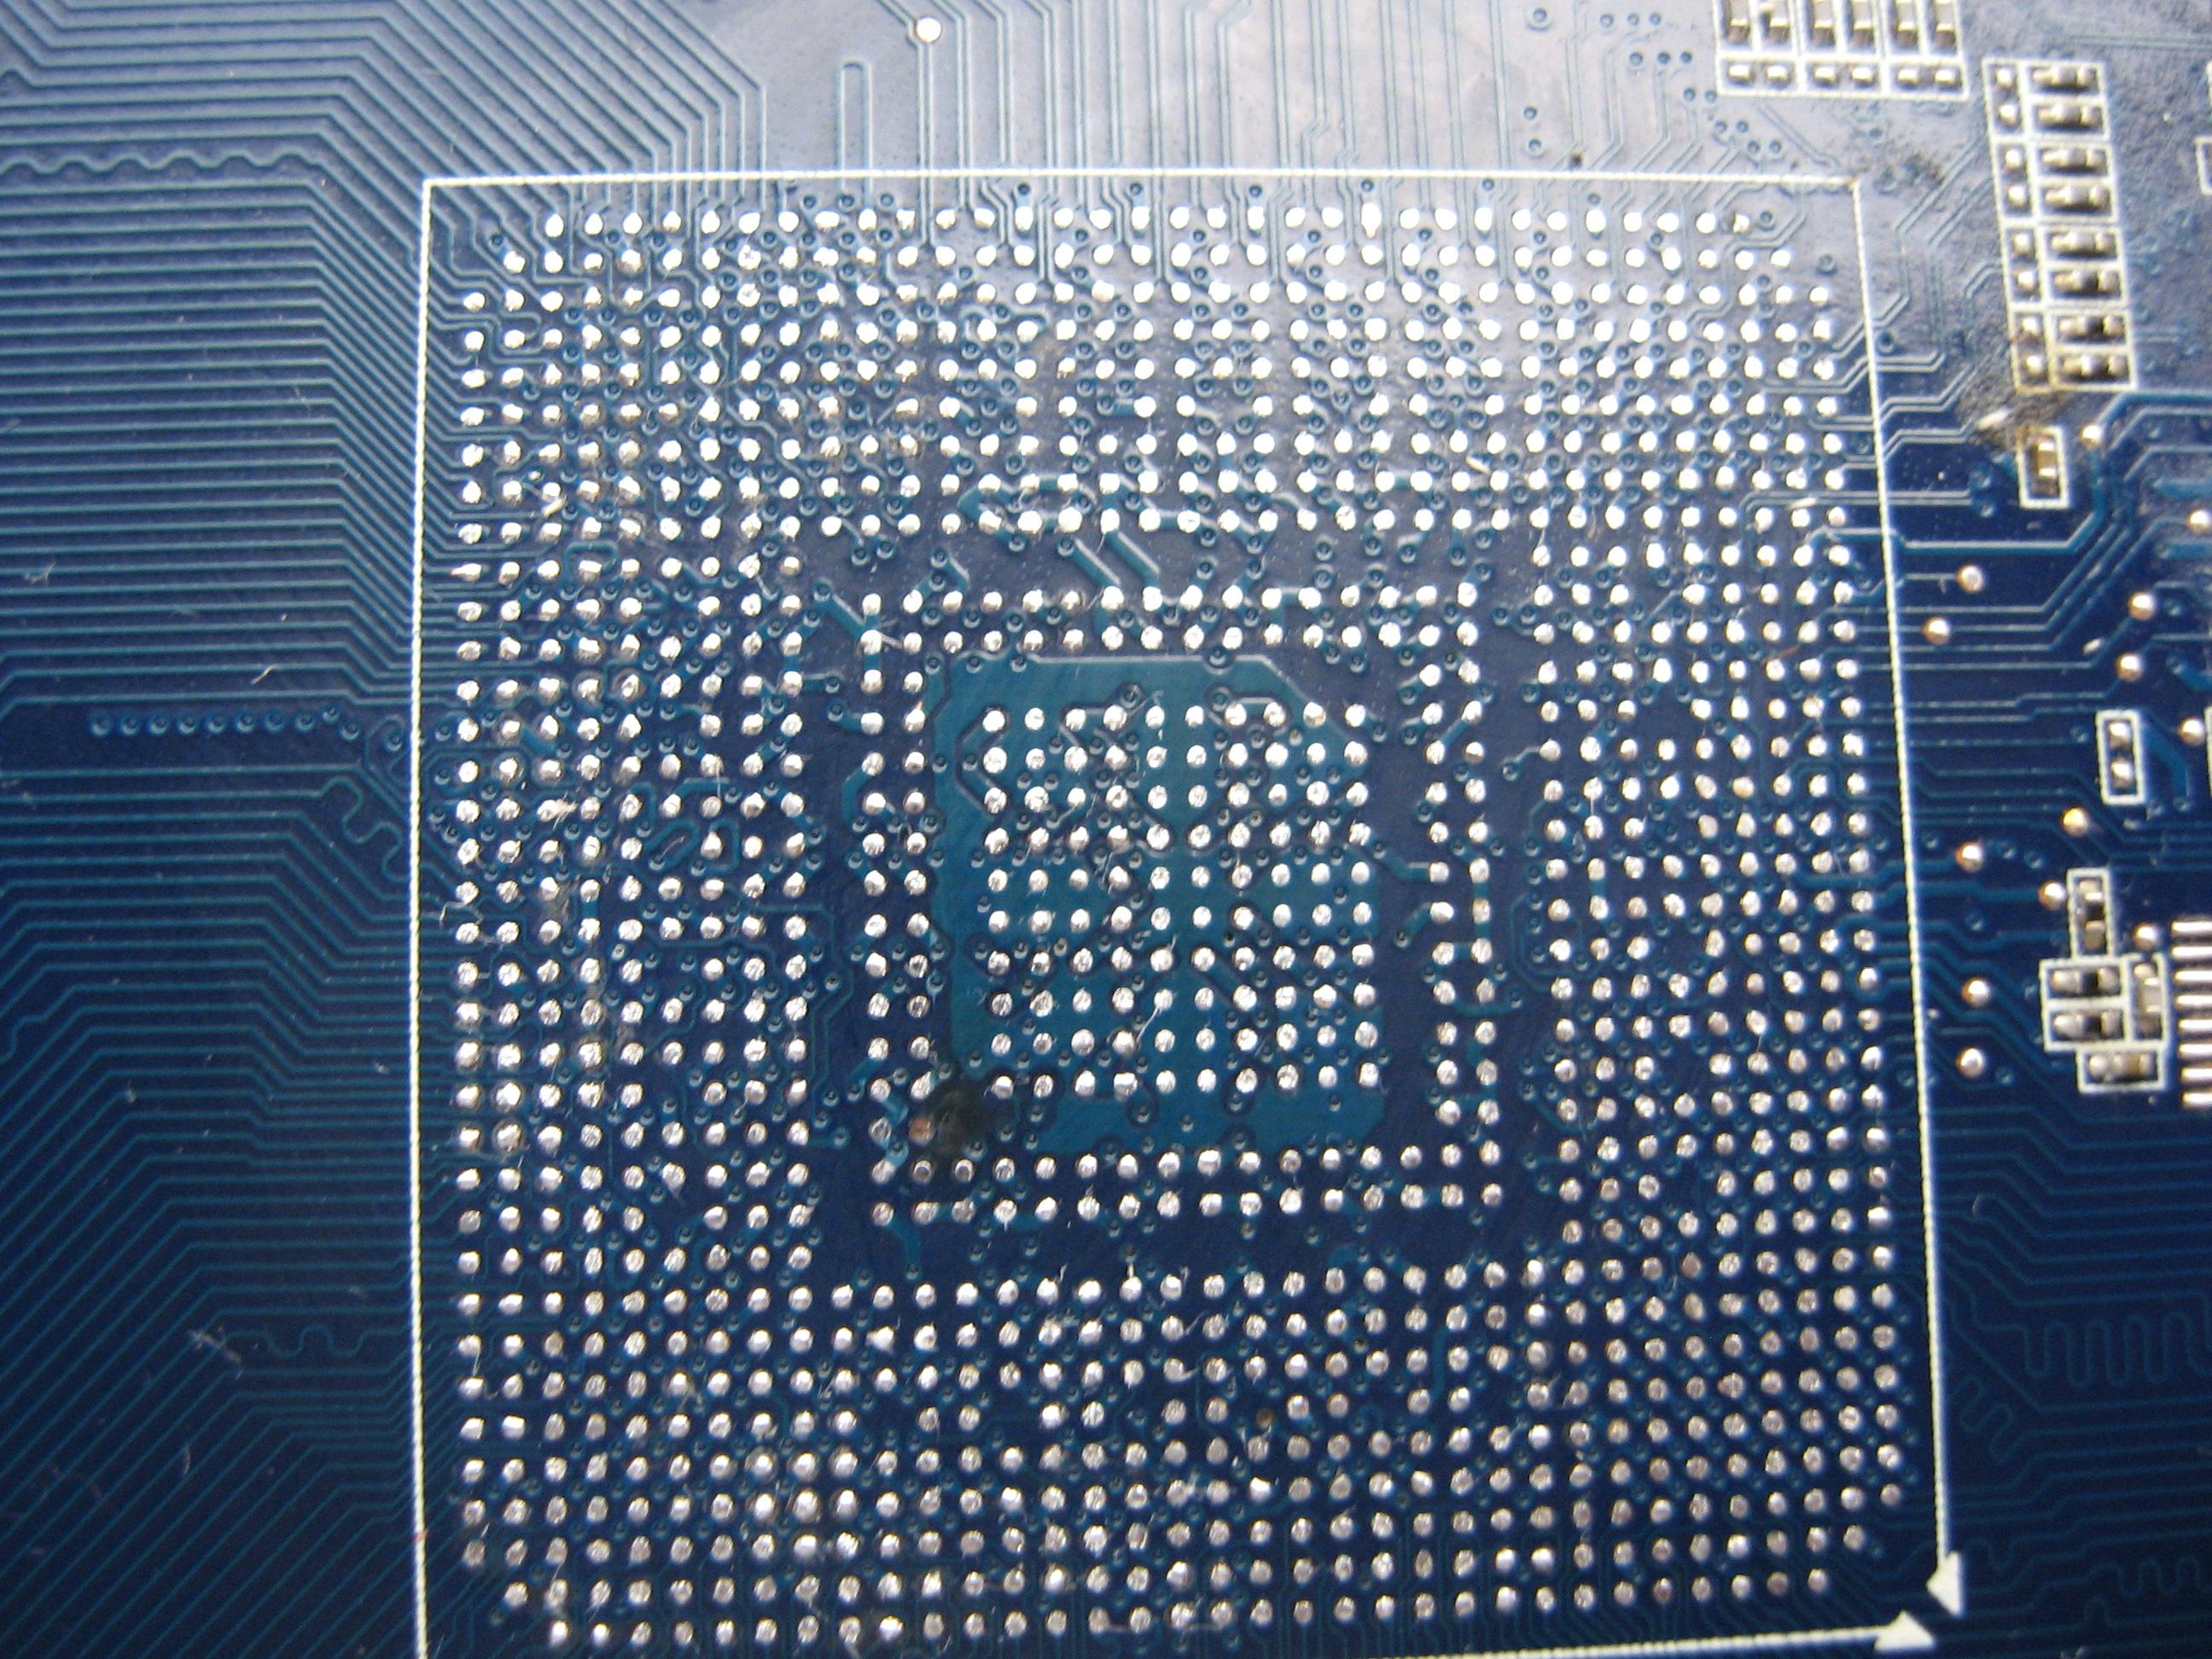 reballing gpu nvidia G92 Asus geforce 8800gt top